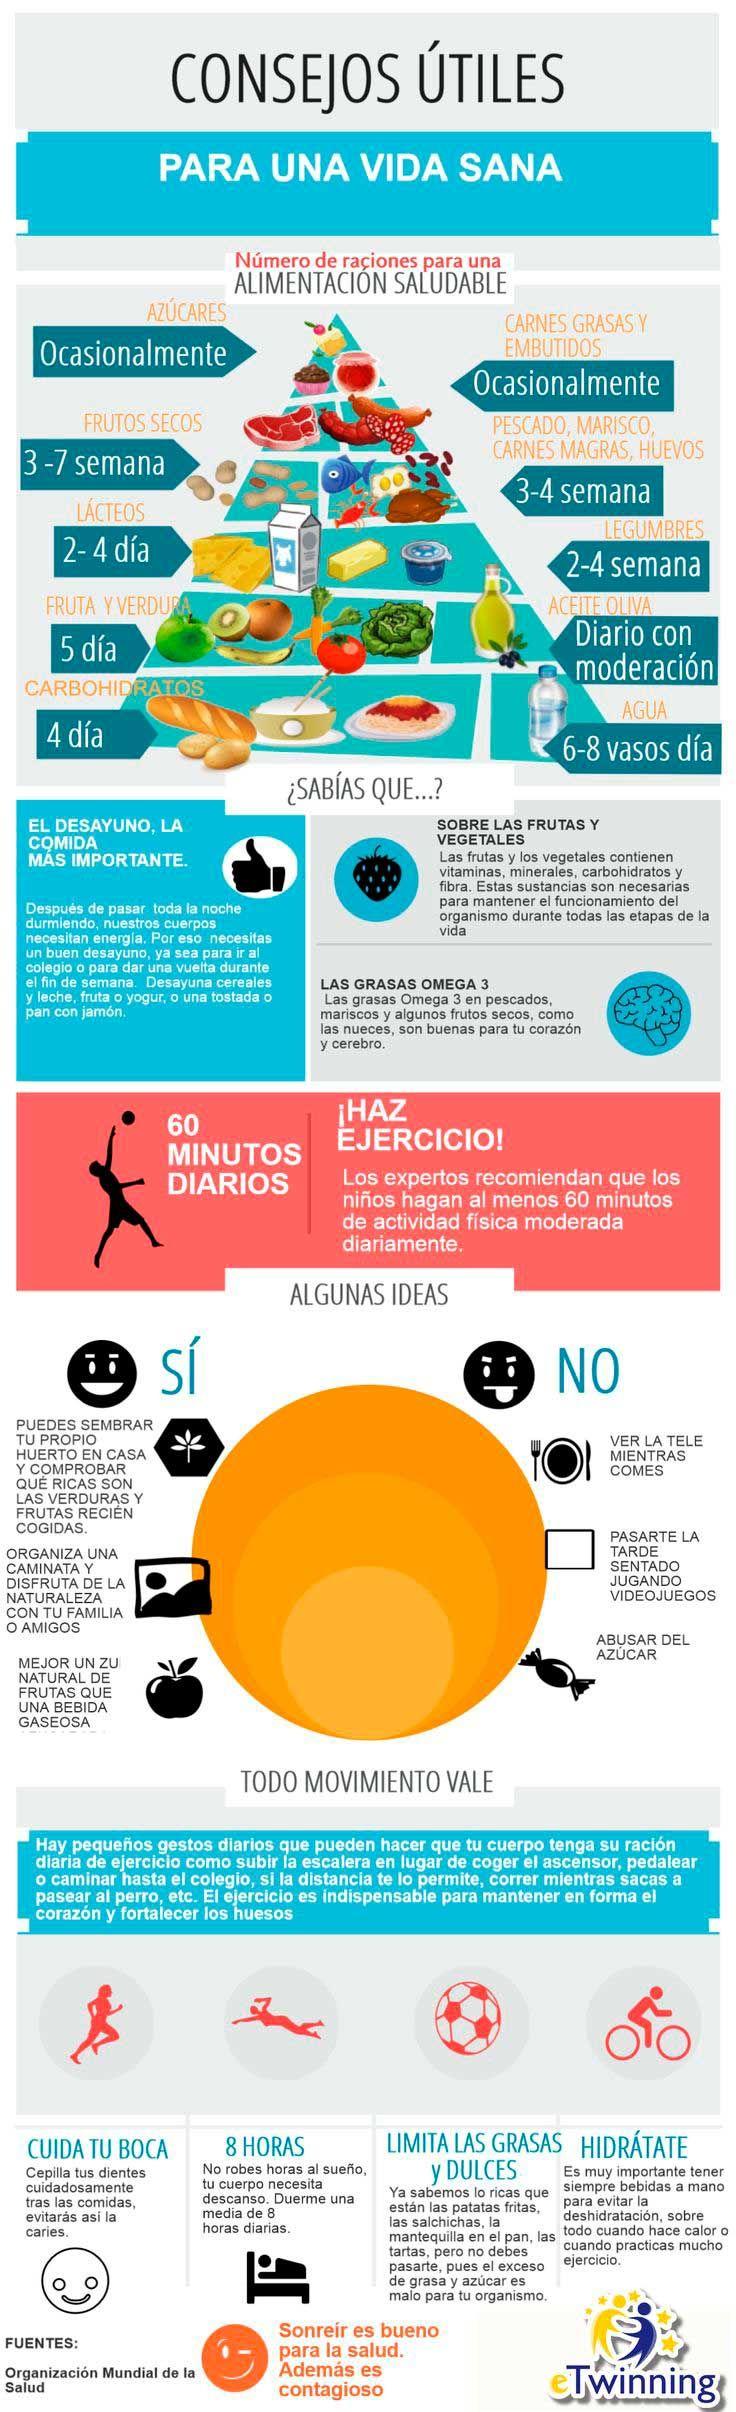 19 infografías que te ayudarán a comer más sano y vivir mejor | Upsocl